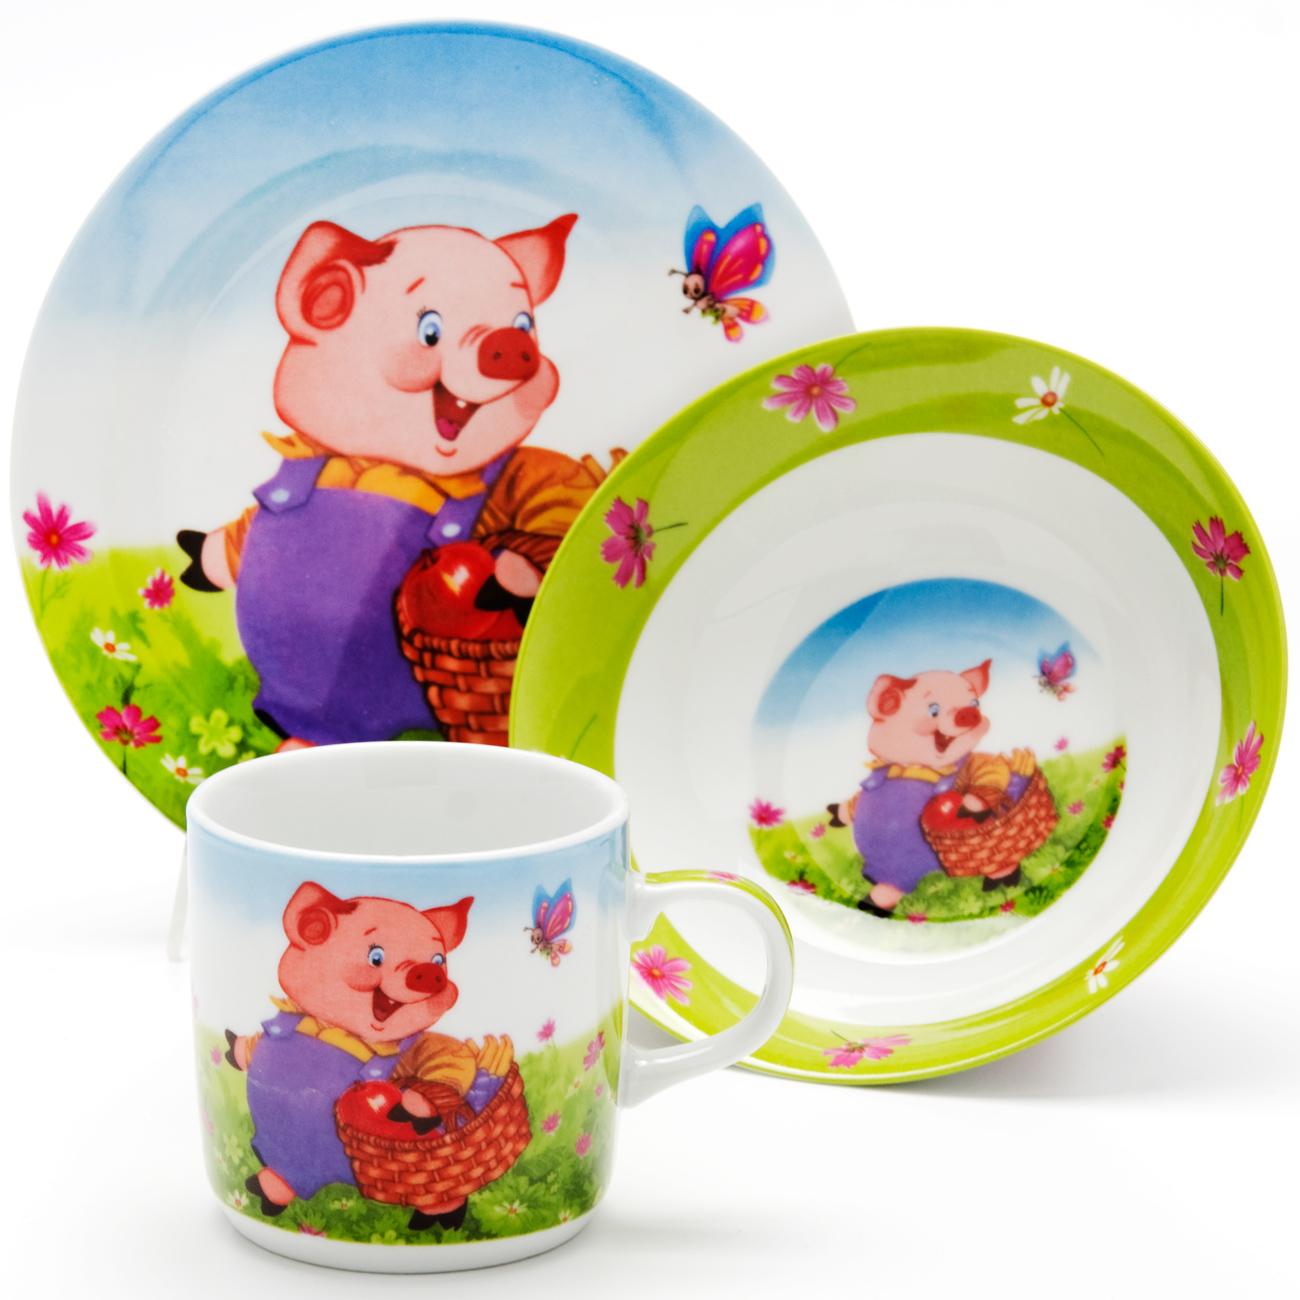 Набор посуды Loraine Поросенок, 3 предмета24019Набор посуды Пони сочетает в себе изысканный дизайн с максимальной функциональностью. В набор входят суповая тарелка, обеденная тарелка и кружка. Предметы набора выполнены из высококачественной керамики, декорированы красочным рисунком. Благодаря такому набору обед вашего ребенка будет еще вкуснее. Набор упакован в красочную, подарочную упаковку.